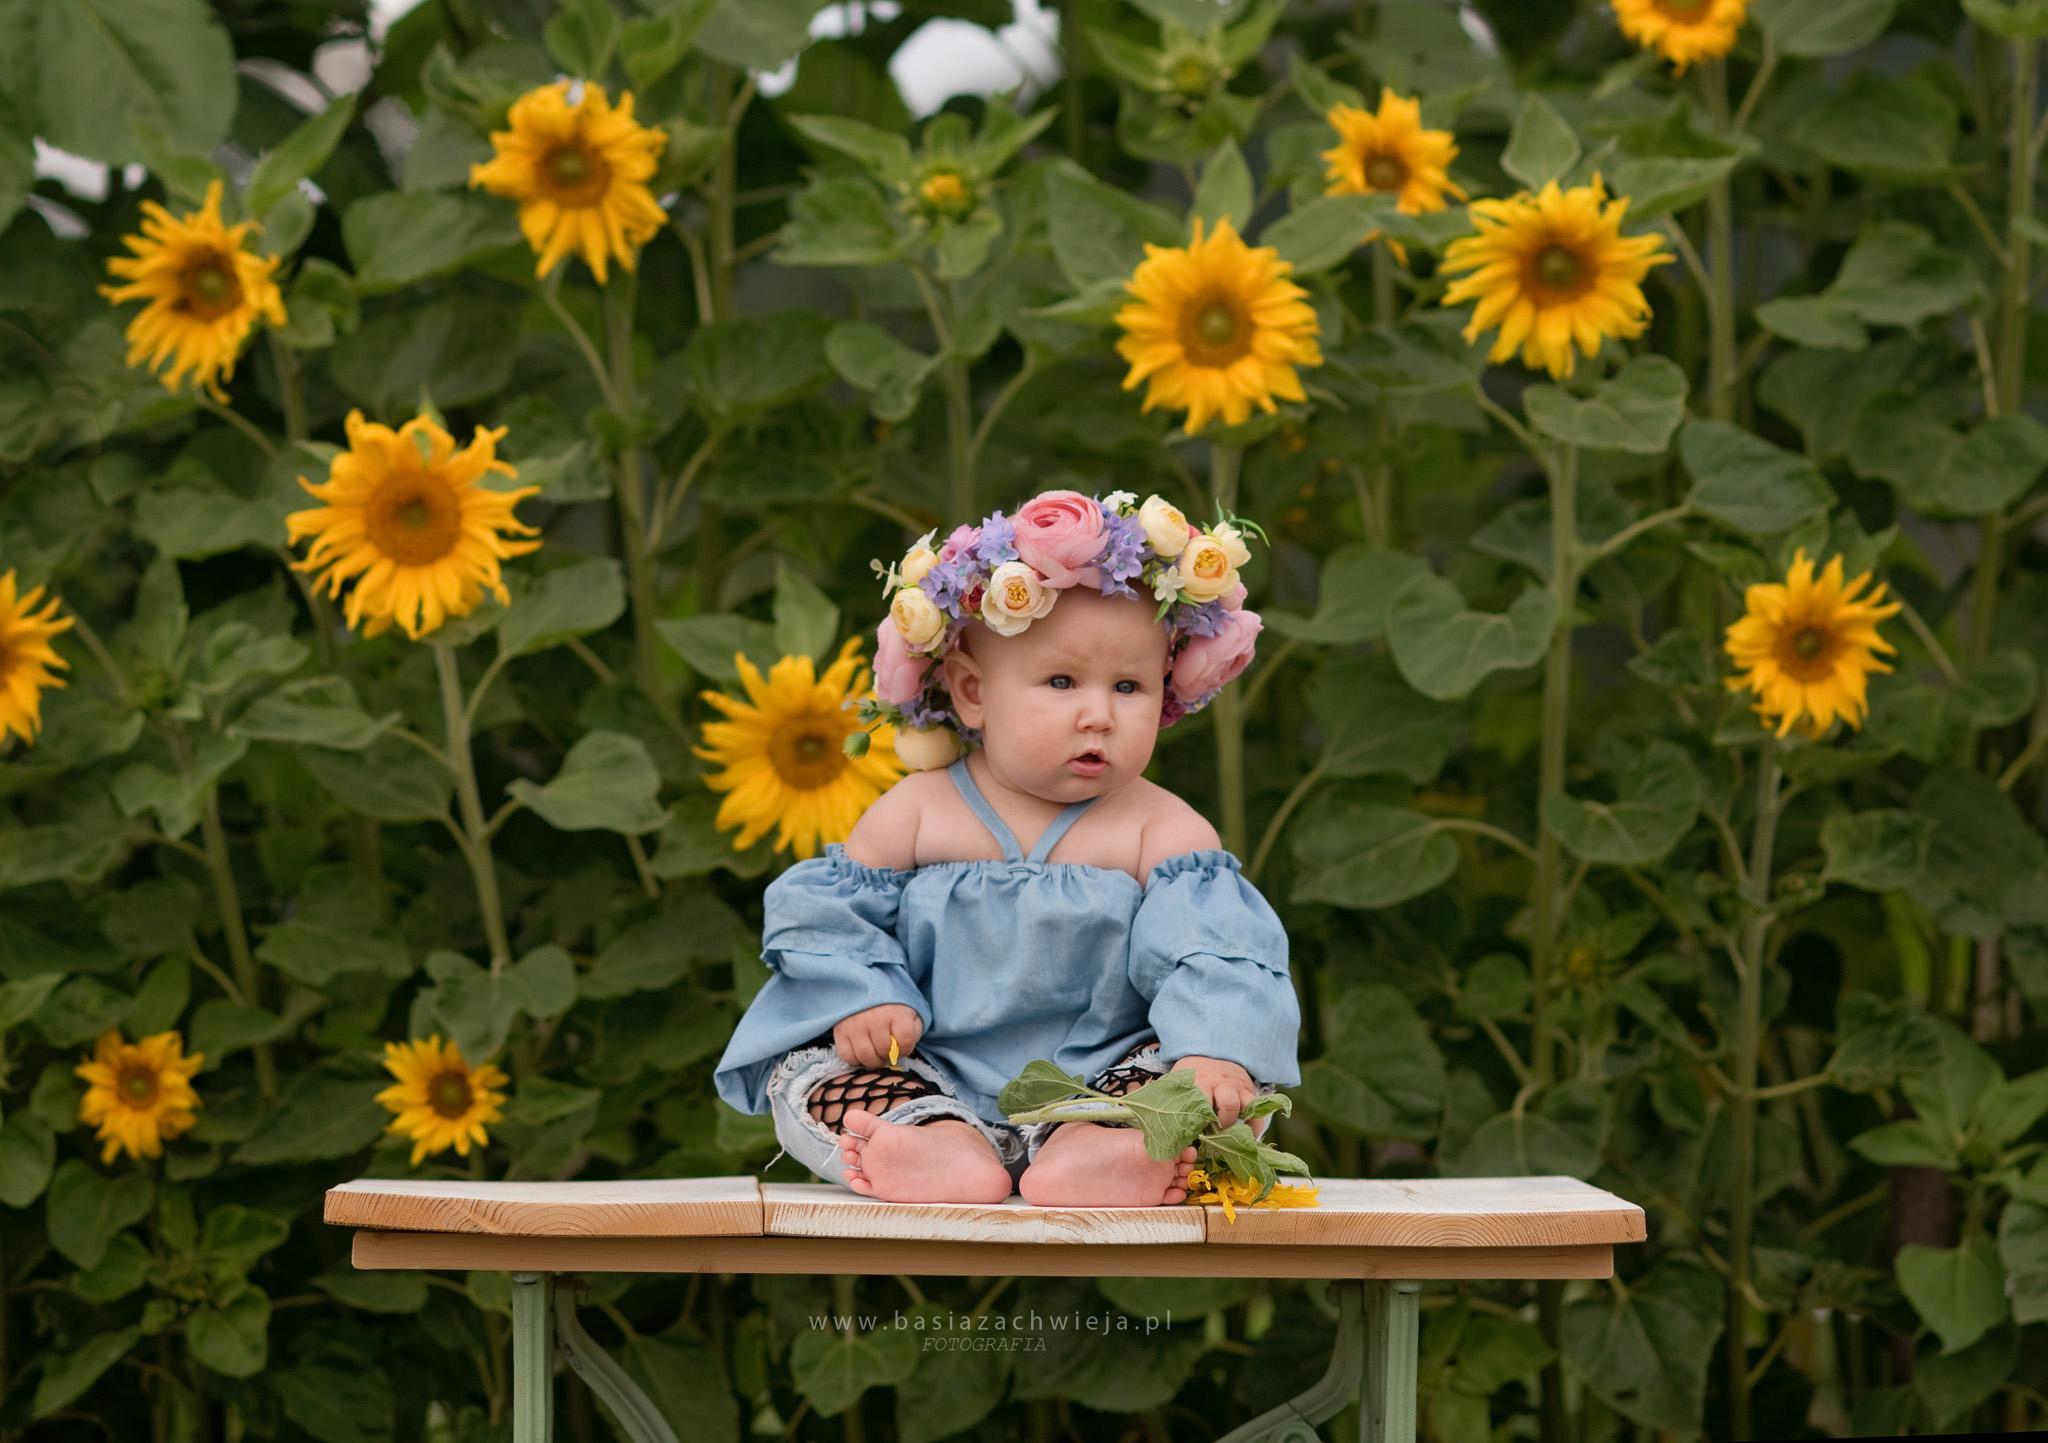 Bianka – sesja w plenerze dla malucha